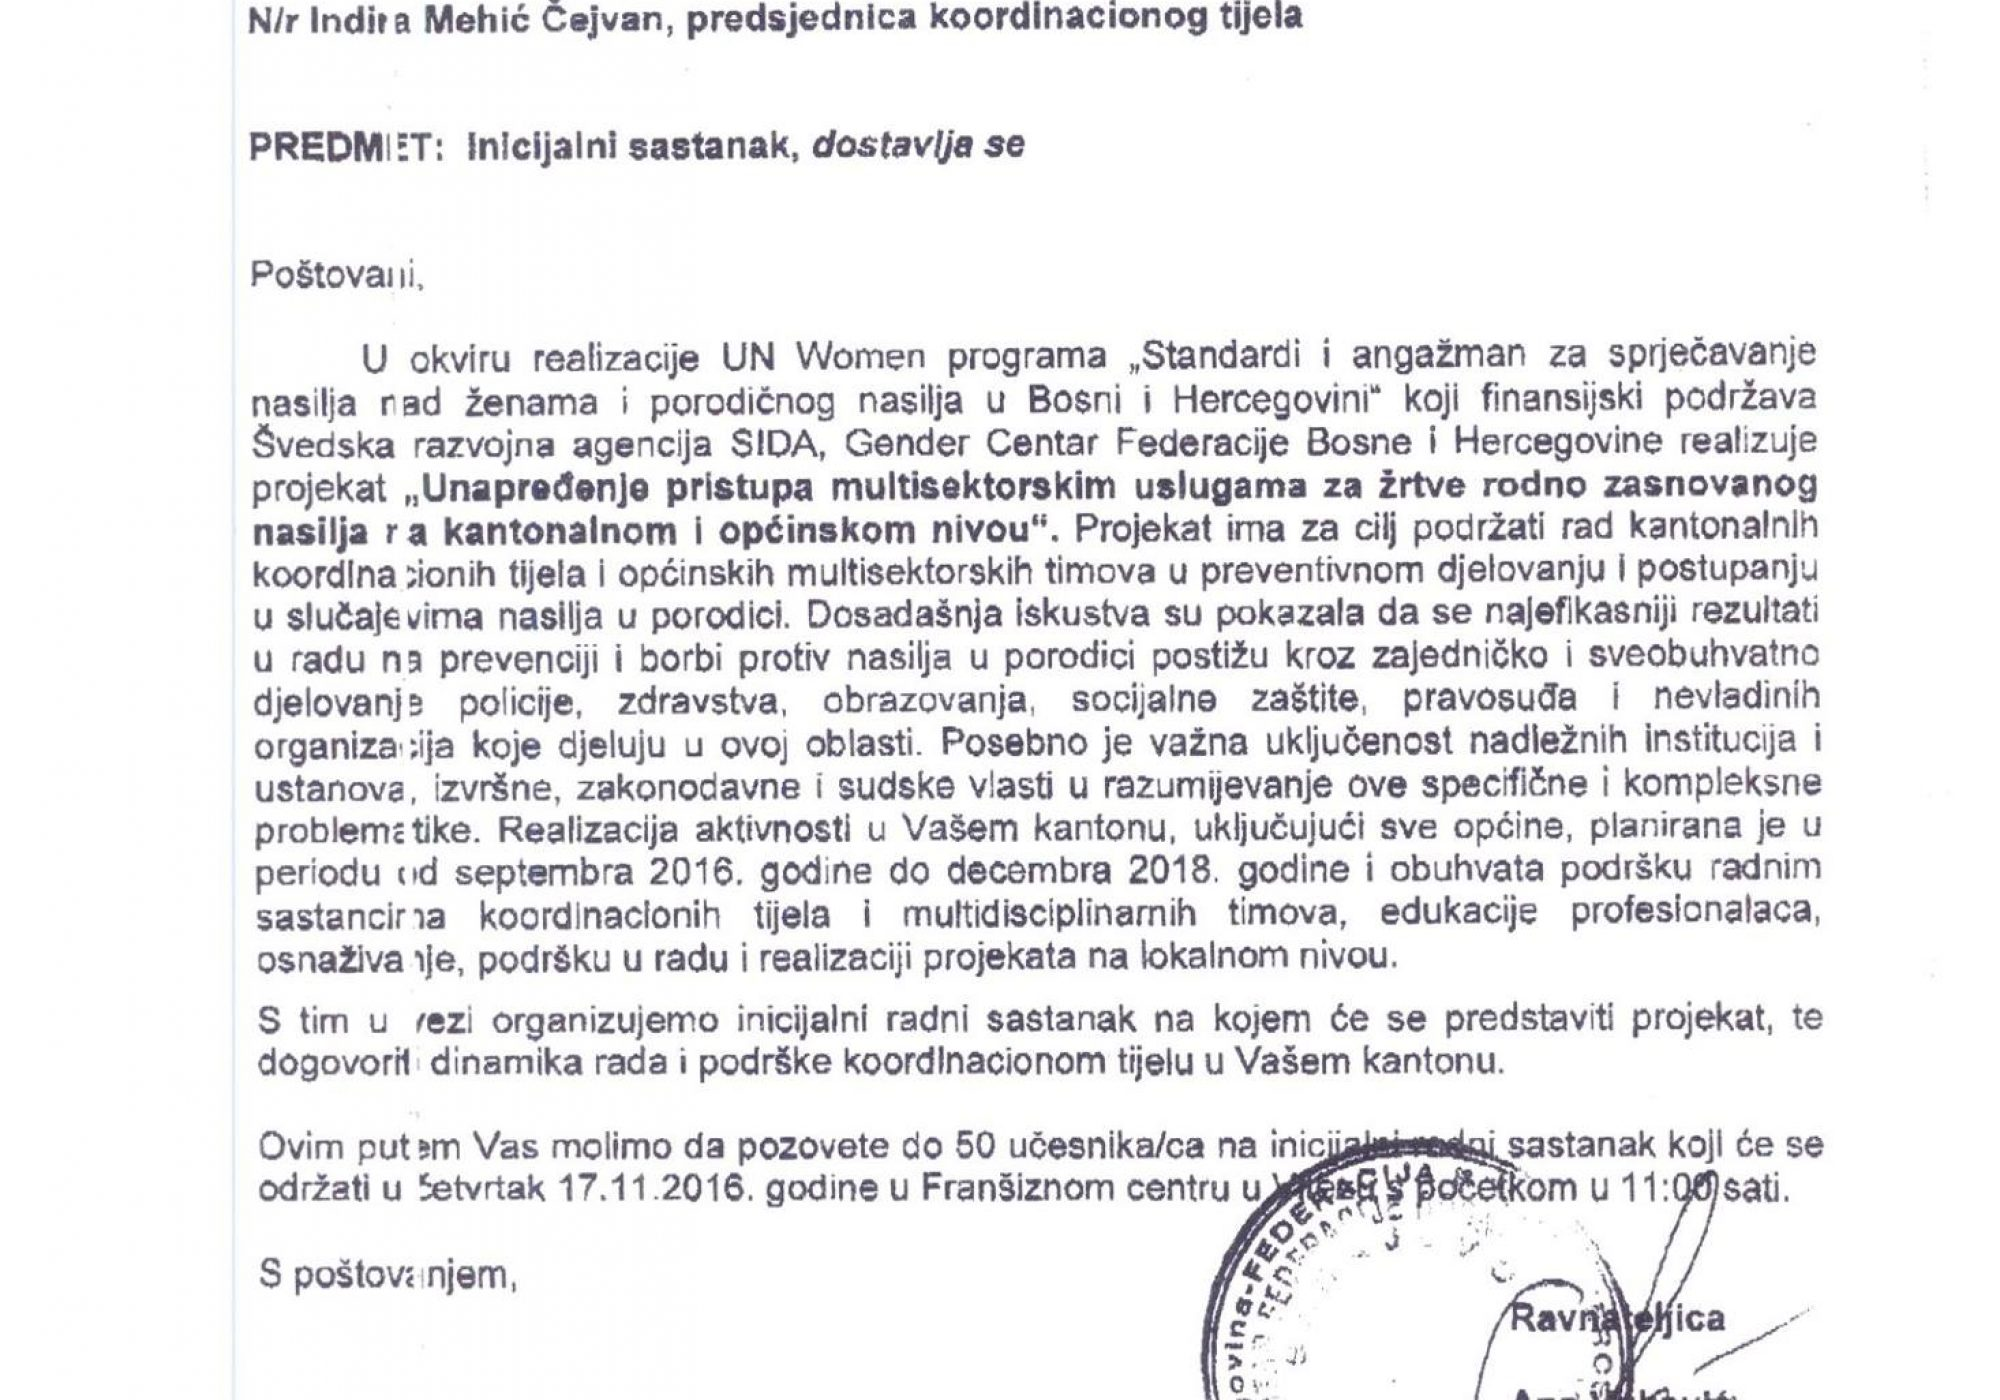 Informacija o Inicijalnom sastanku,koji će biti održan u Franšiznom centru u Vitezu 17.11.2016.godine sa početkom u 11h